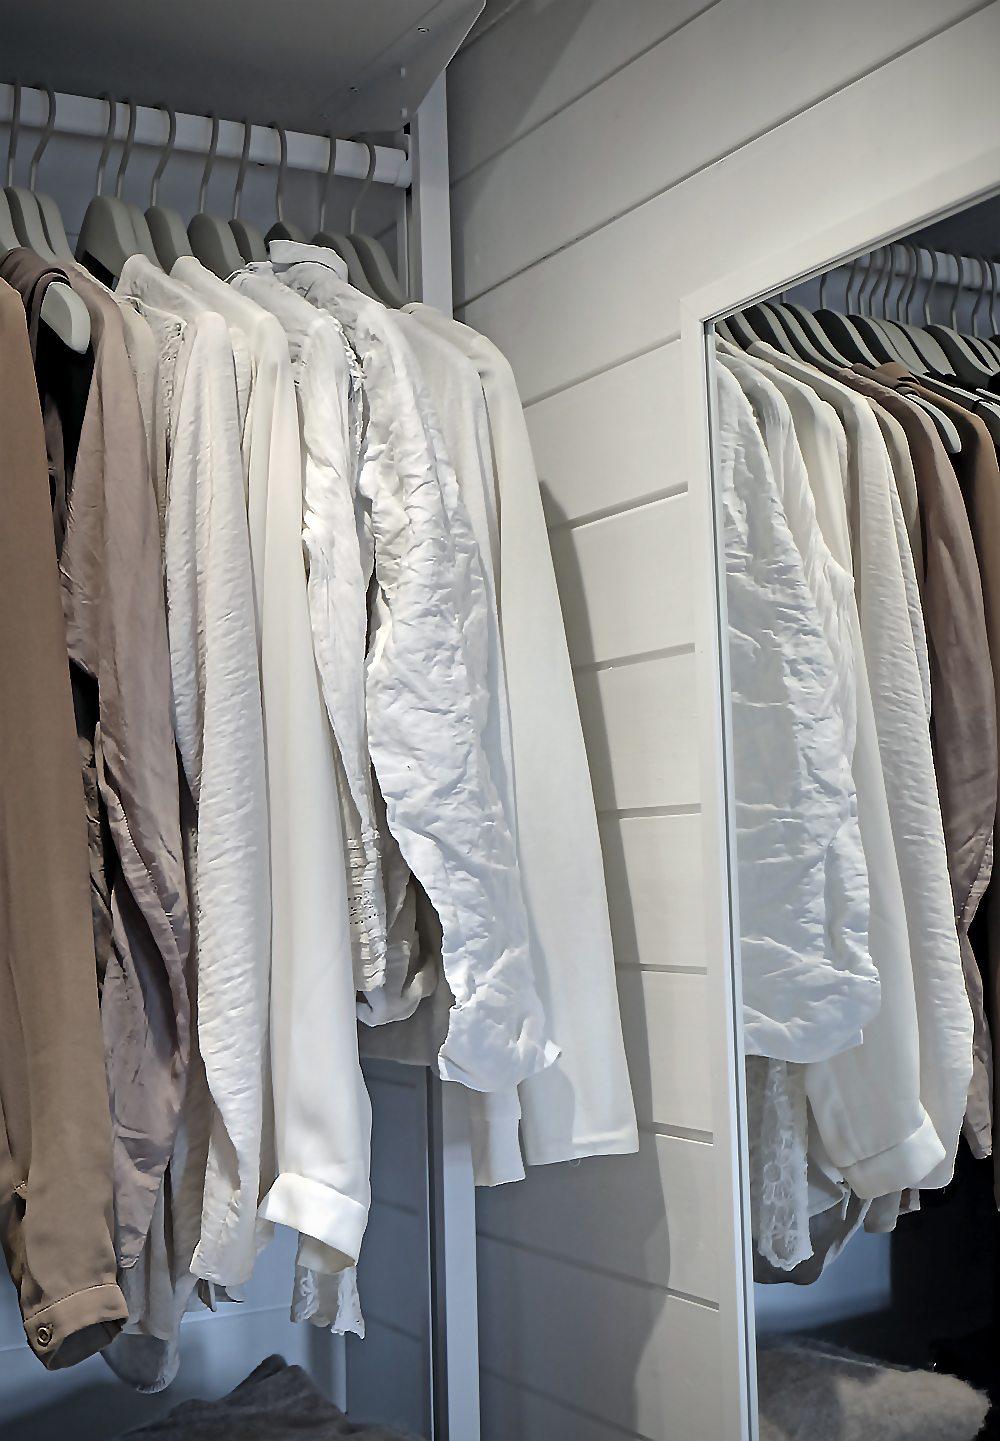 kledingroedes-inloopkast